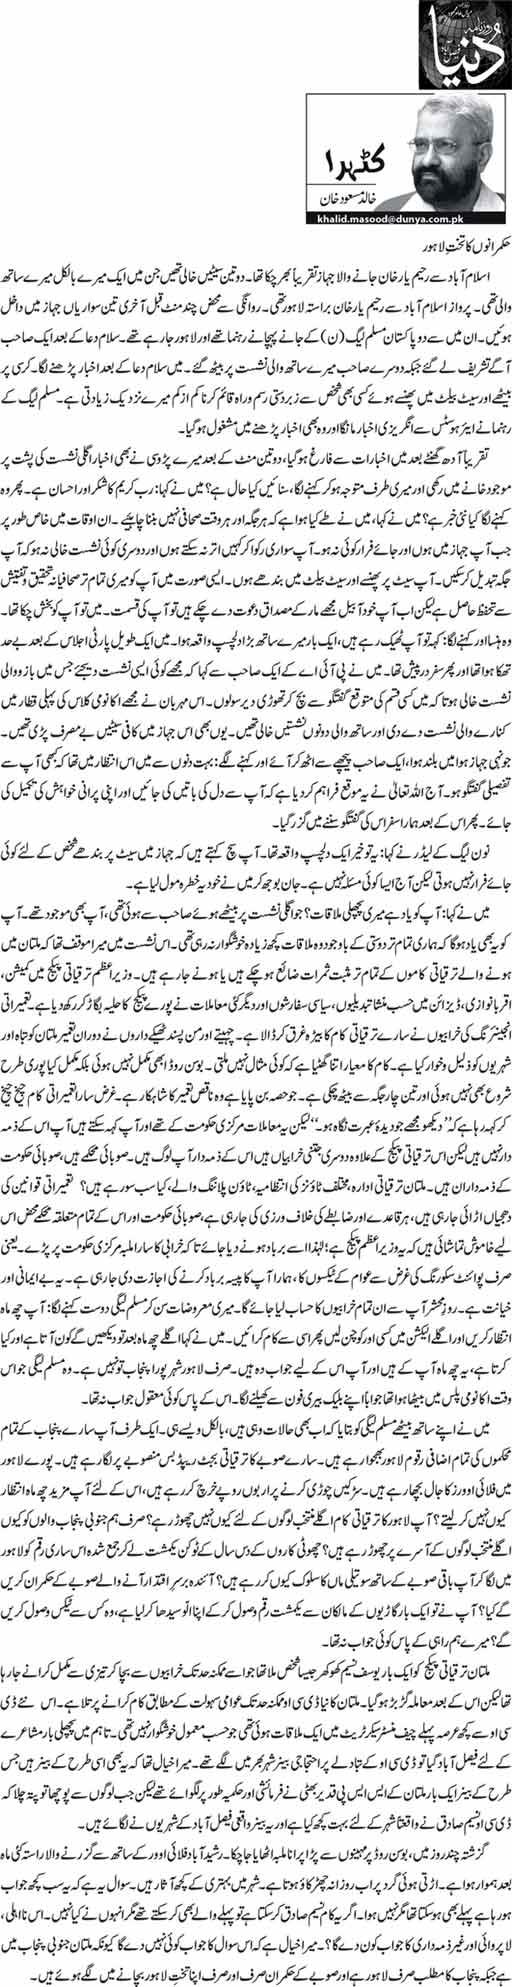 Hukmarono ka takhte Lahore - Khalid Masood khan